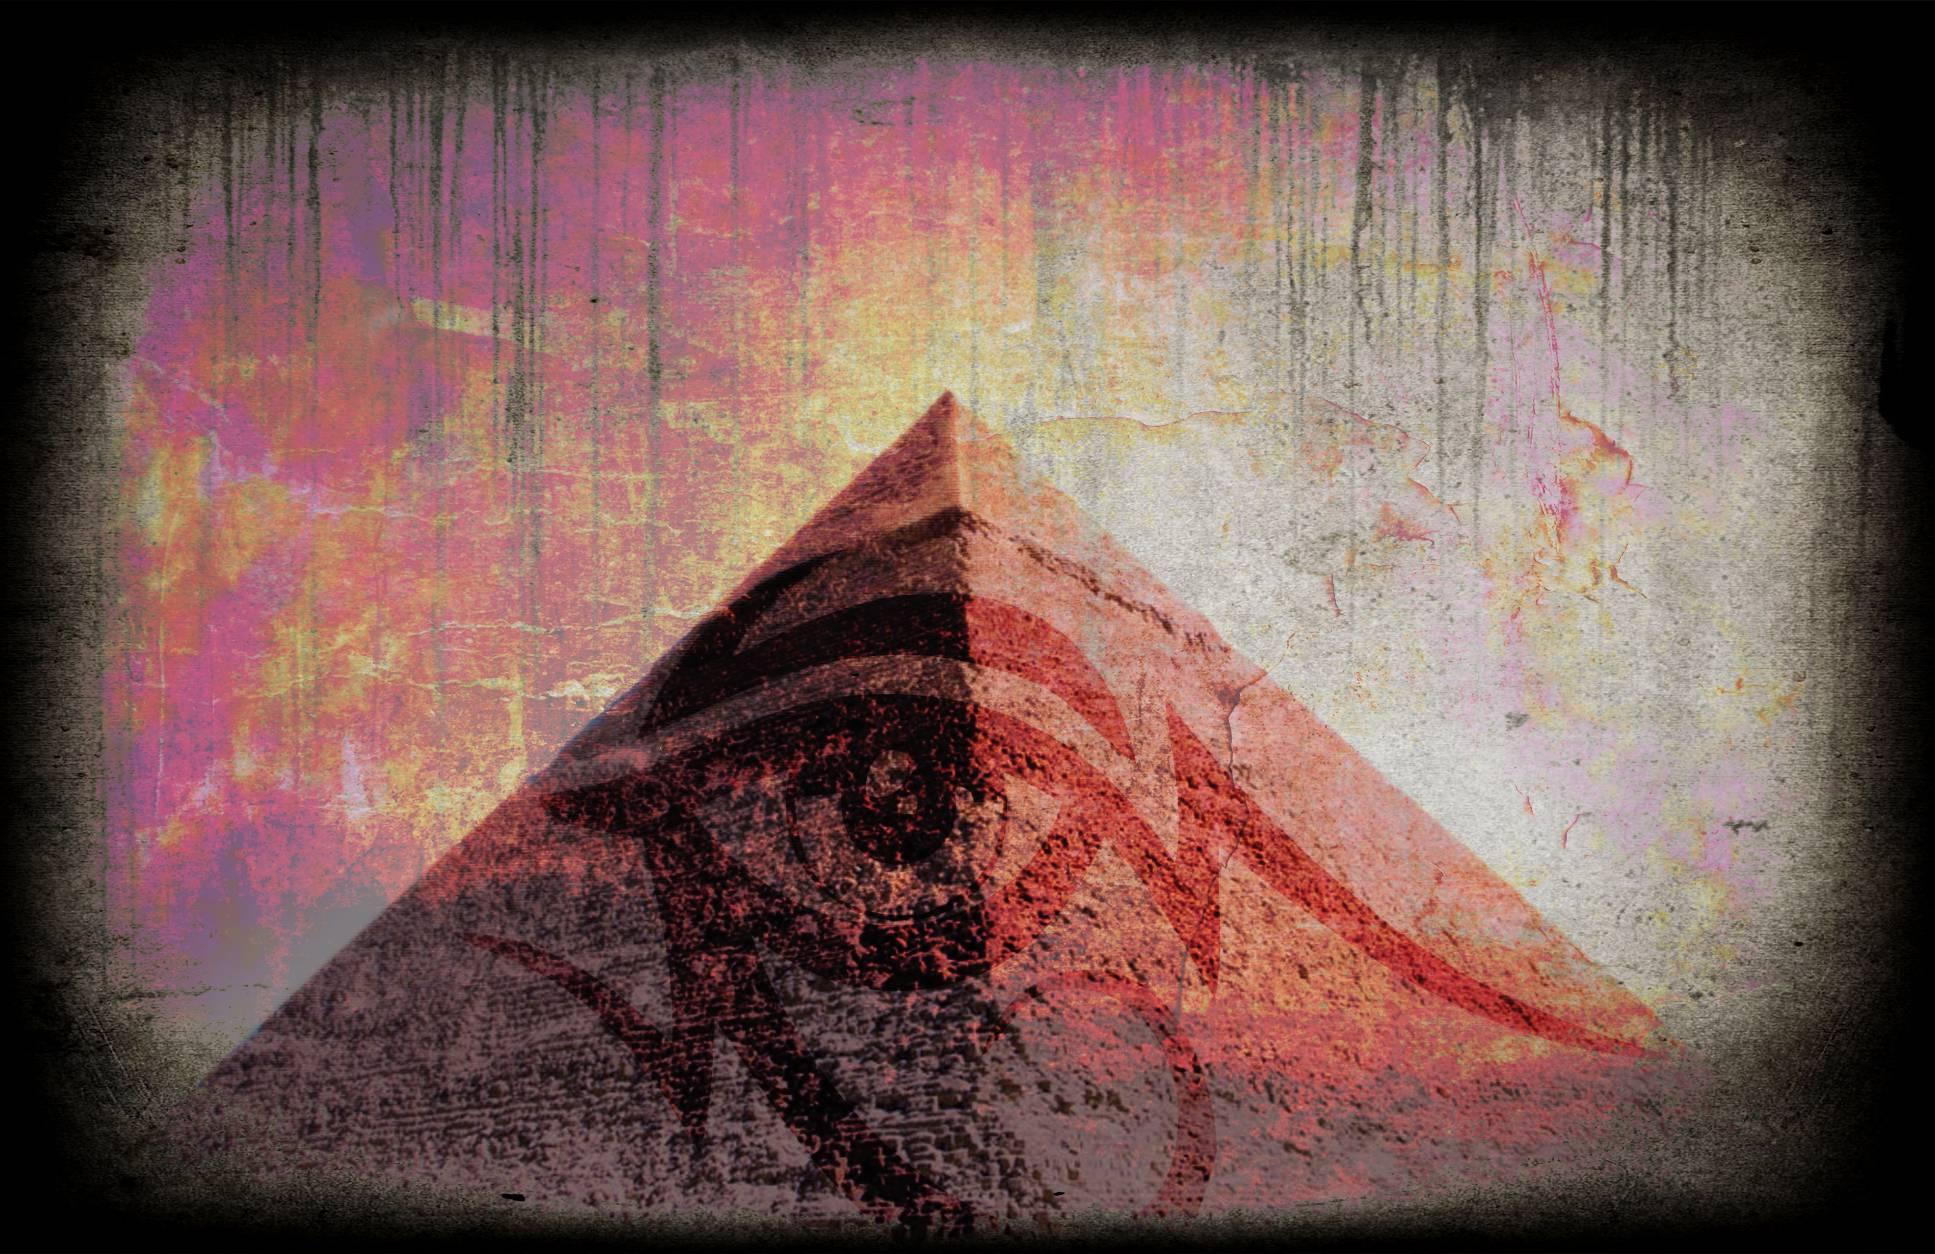 Drawn illuminati tumblr wallpaper G DeviantArt dugz wallpaper Wallpapers